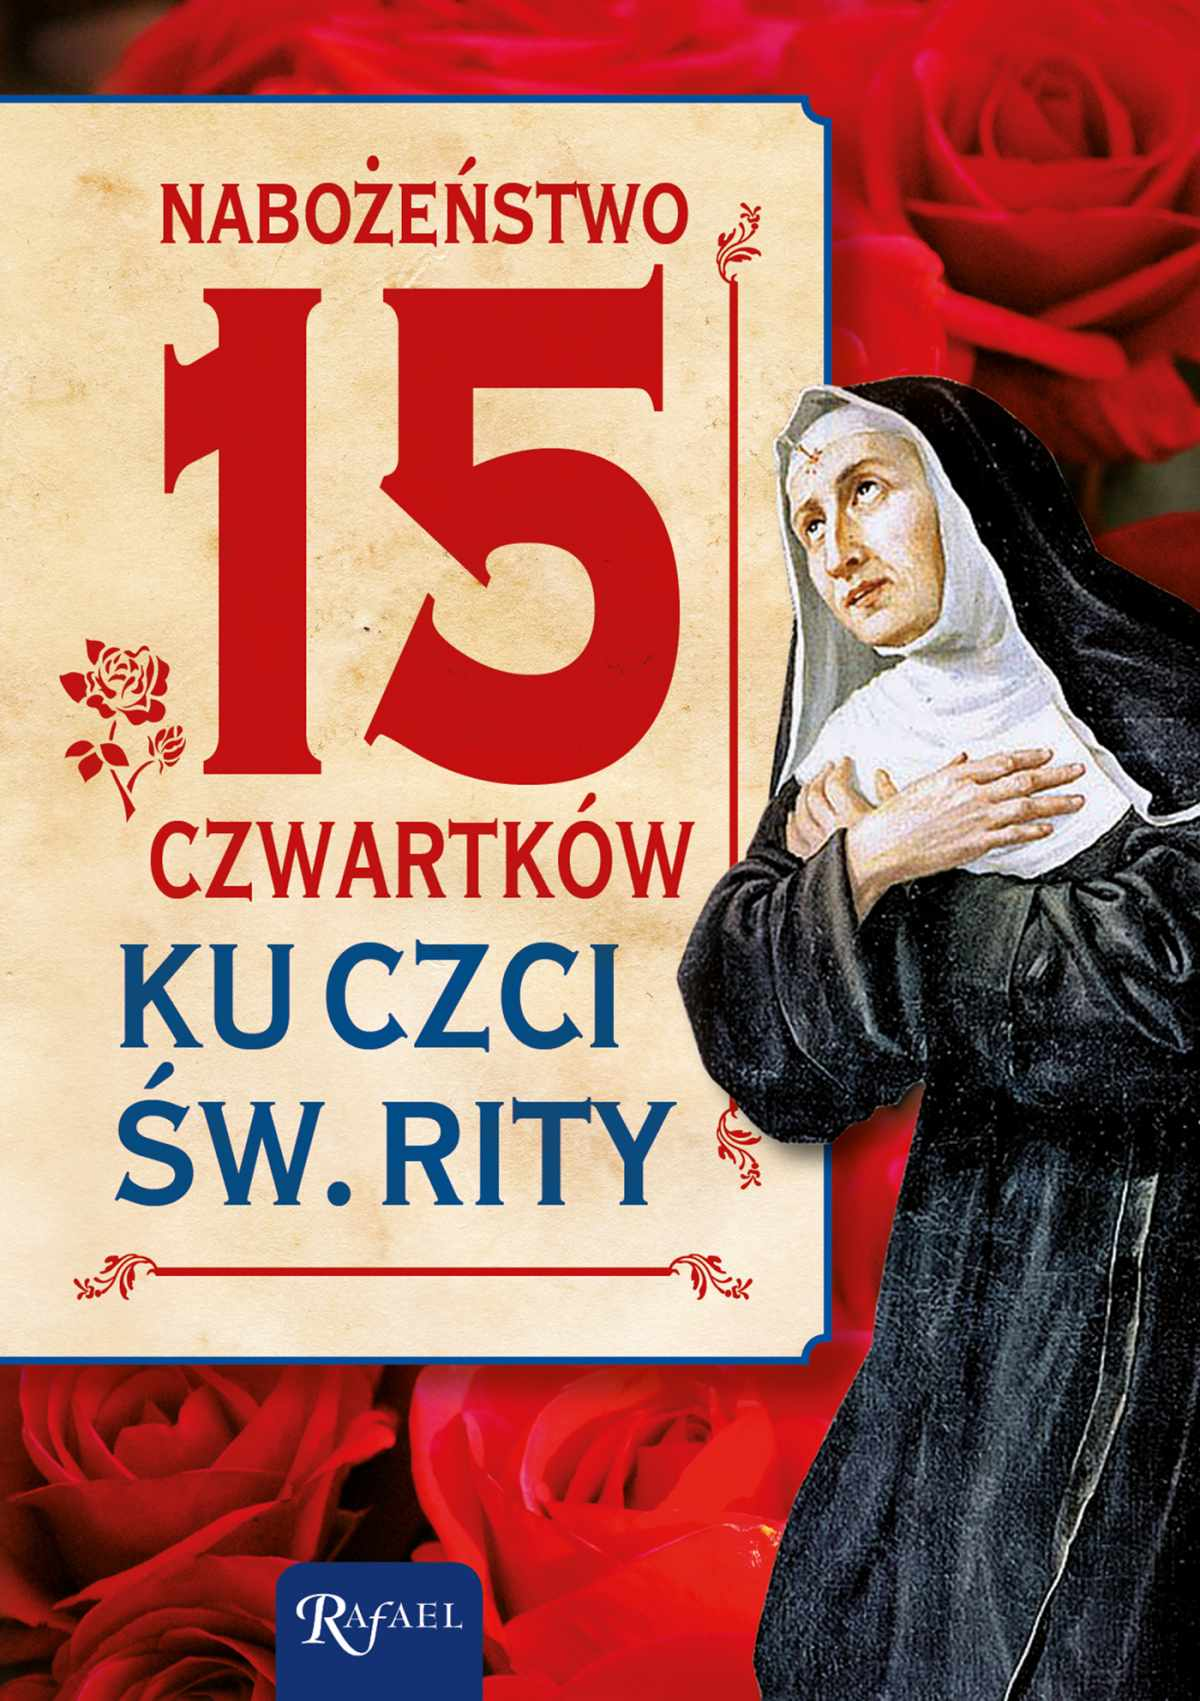 Nabożeństwo 15 czwartków ku czci św. Rity - Ebook (Książka na Kindle) do pobrania w formacie MOBI